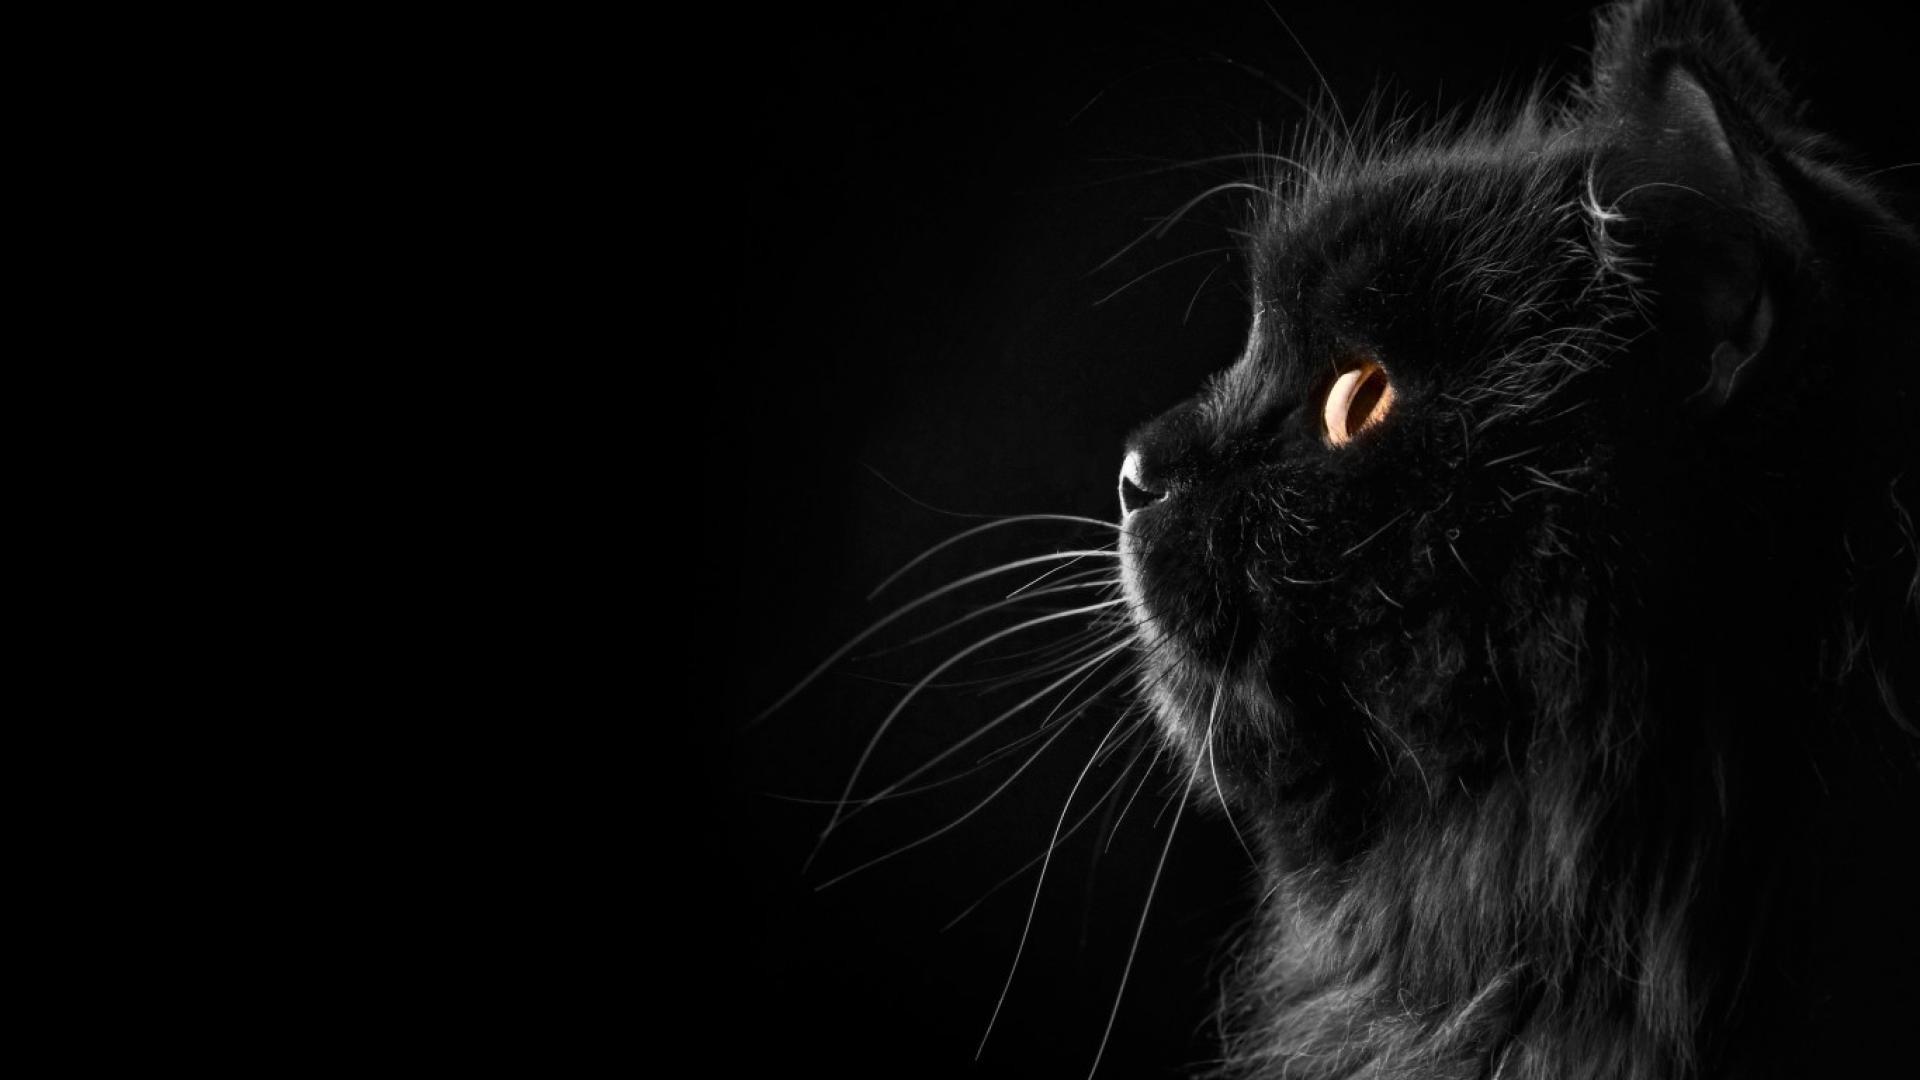 Black Cat Wallpaper 3002 HD Wallpapers   pictwalls.